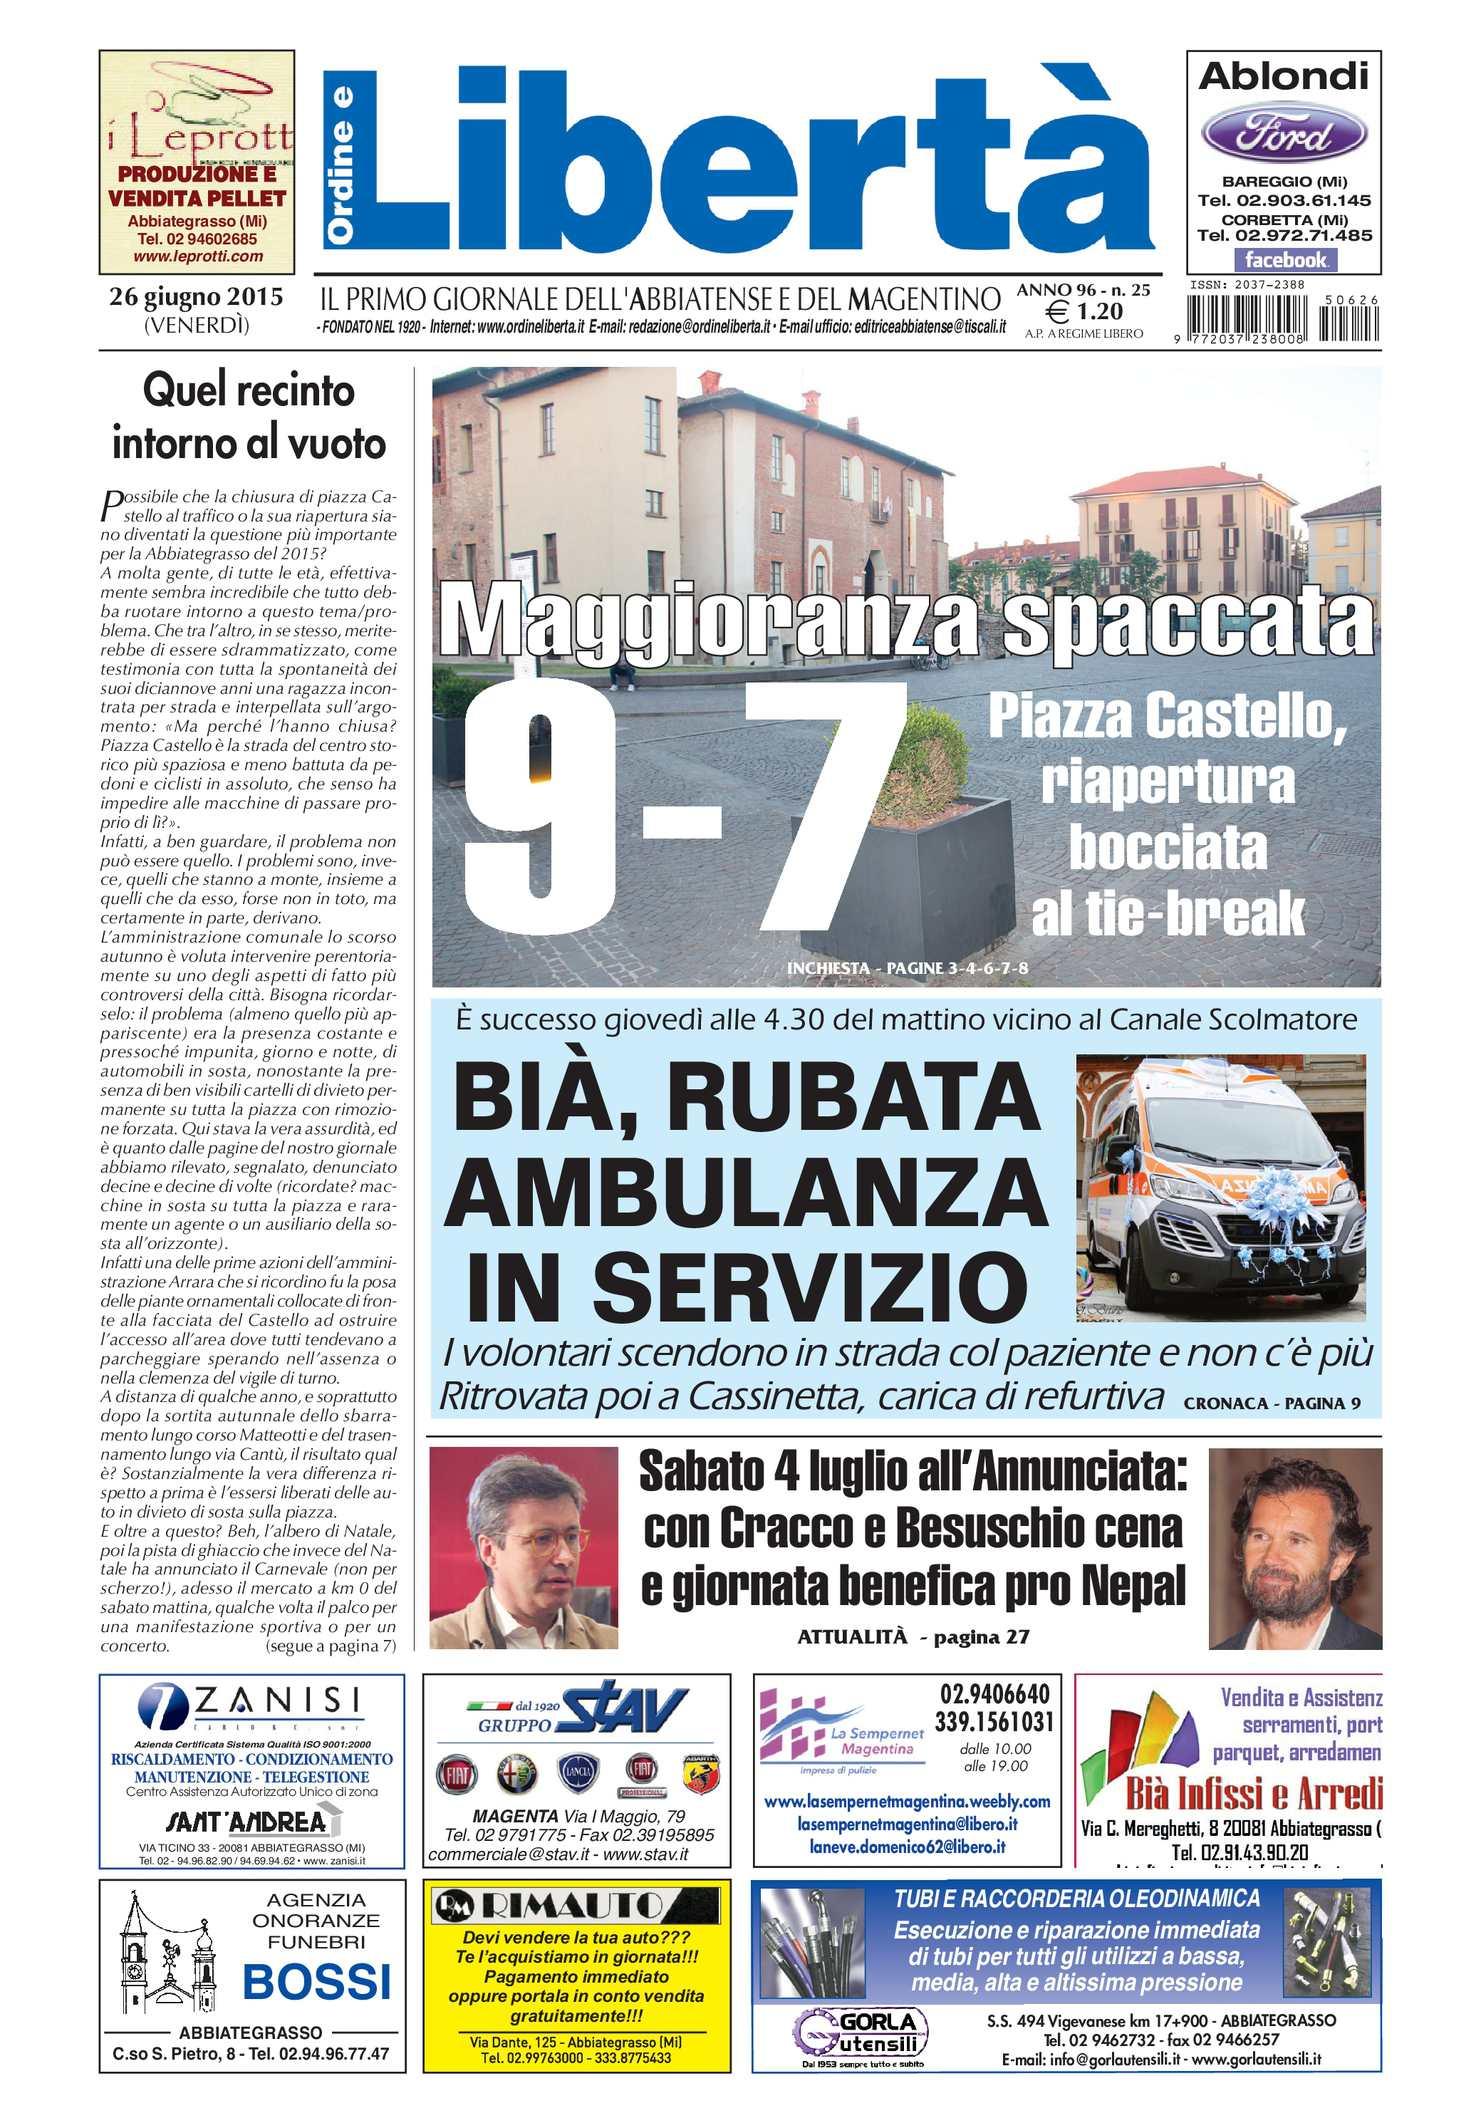 Calam o 26 giugno 2015 for Ad giornale di arredamento